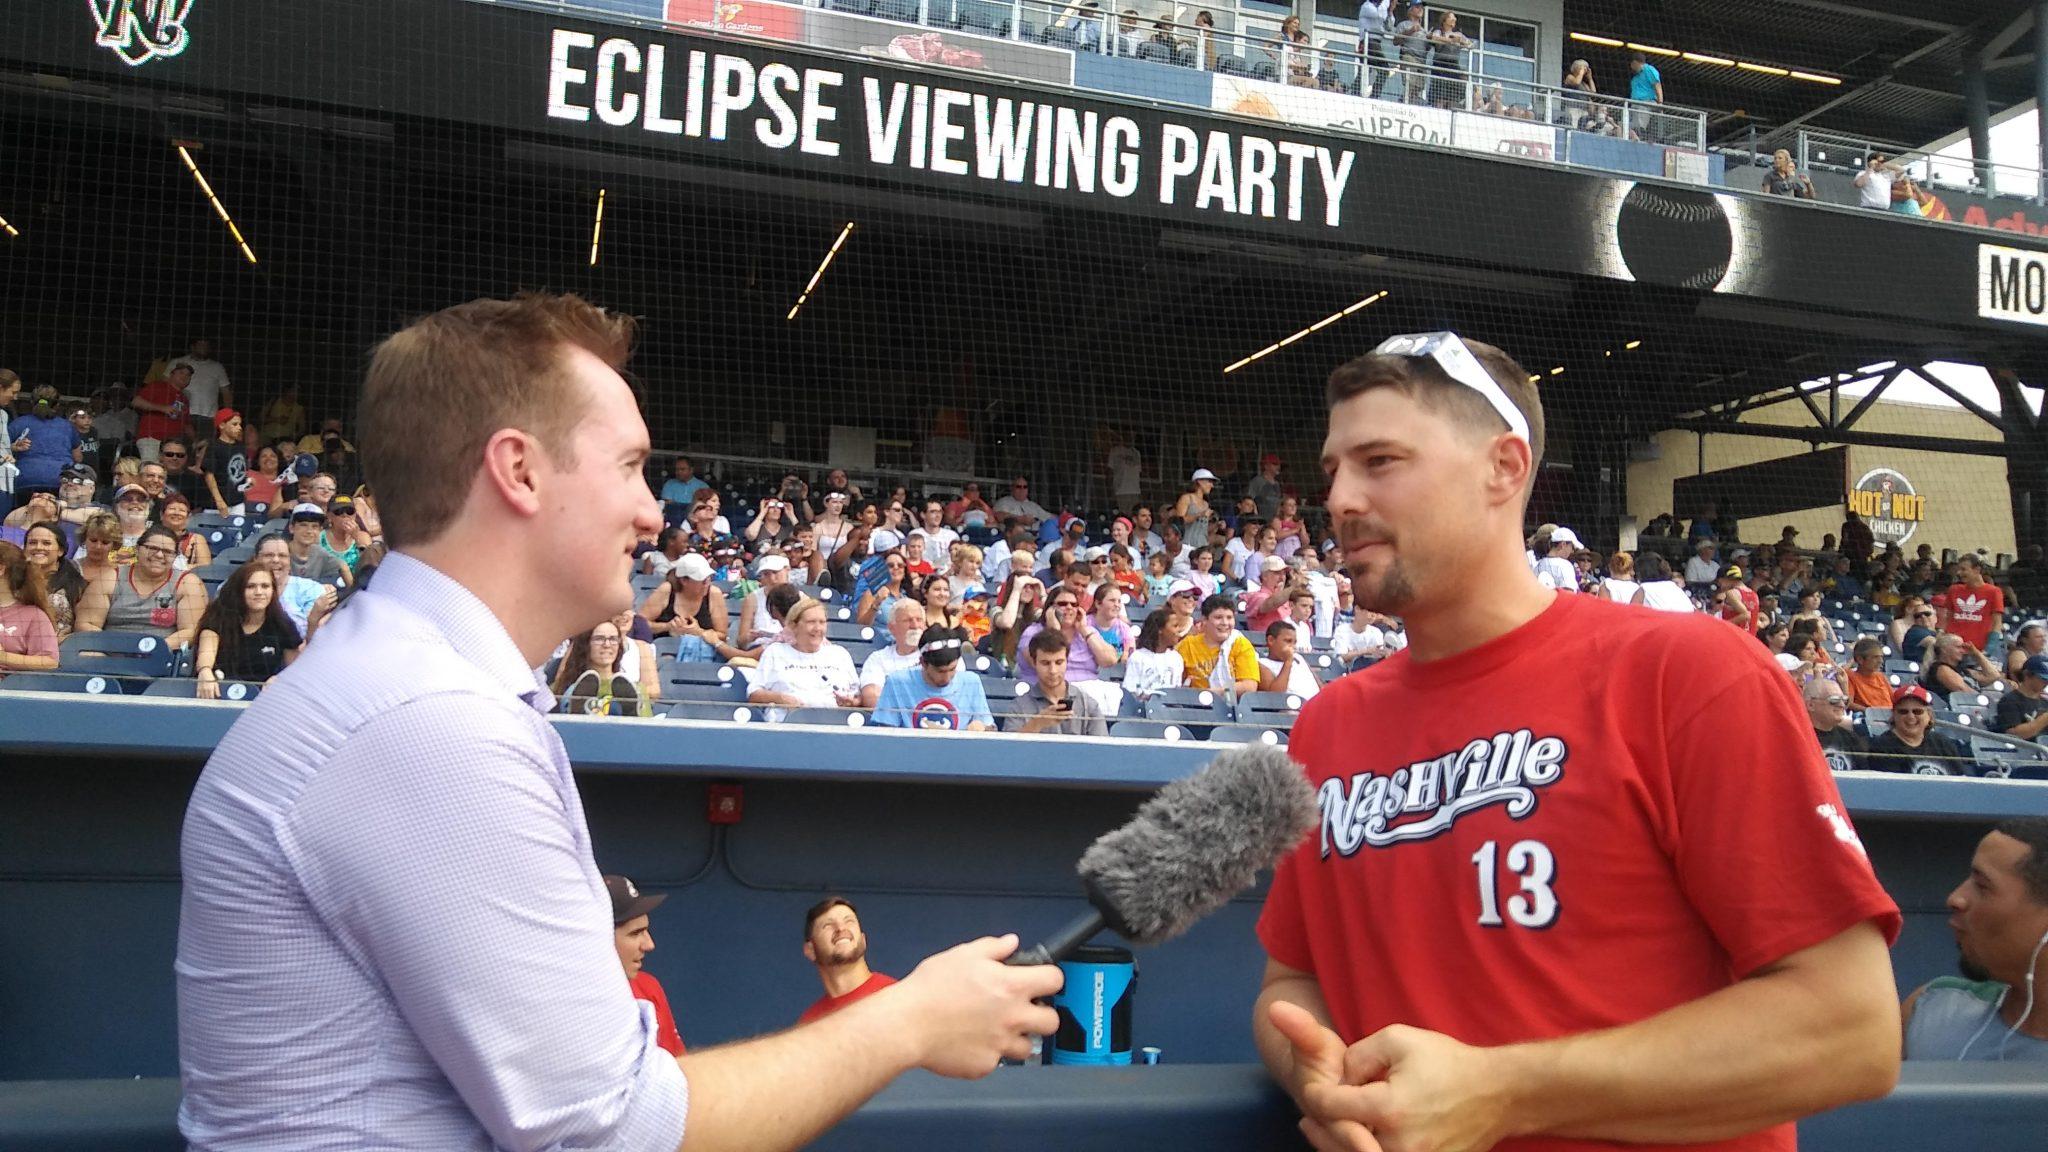 Nashville Sounds catcher Ryan Lavarnway